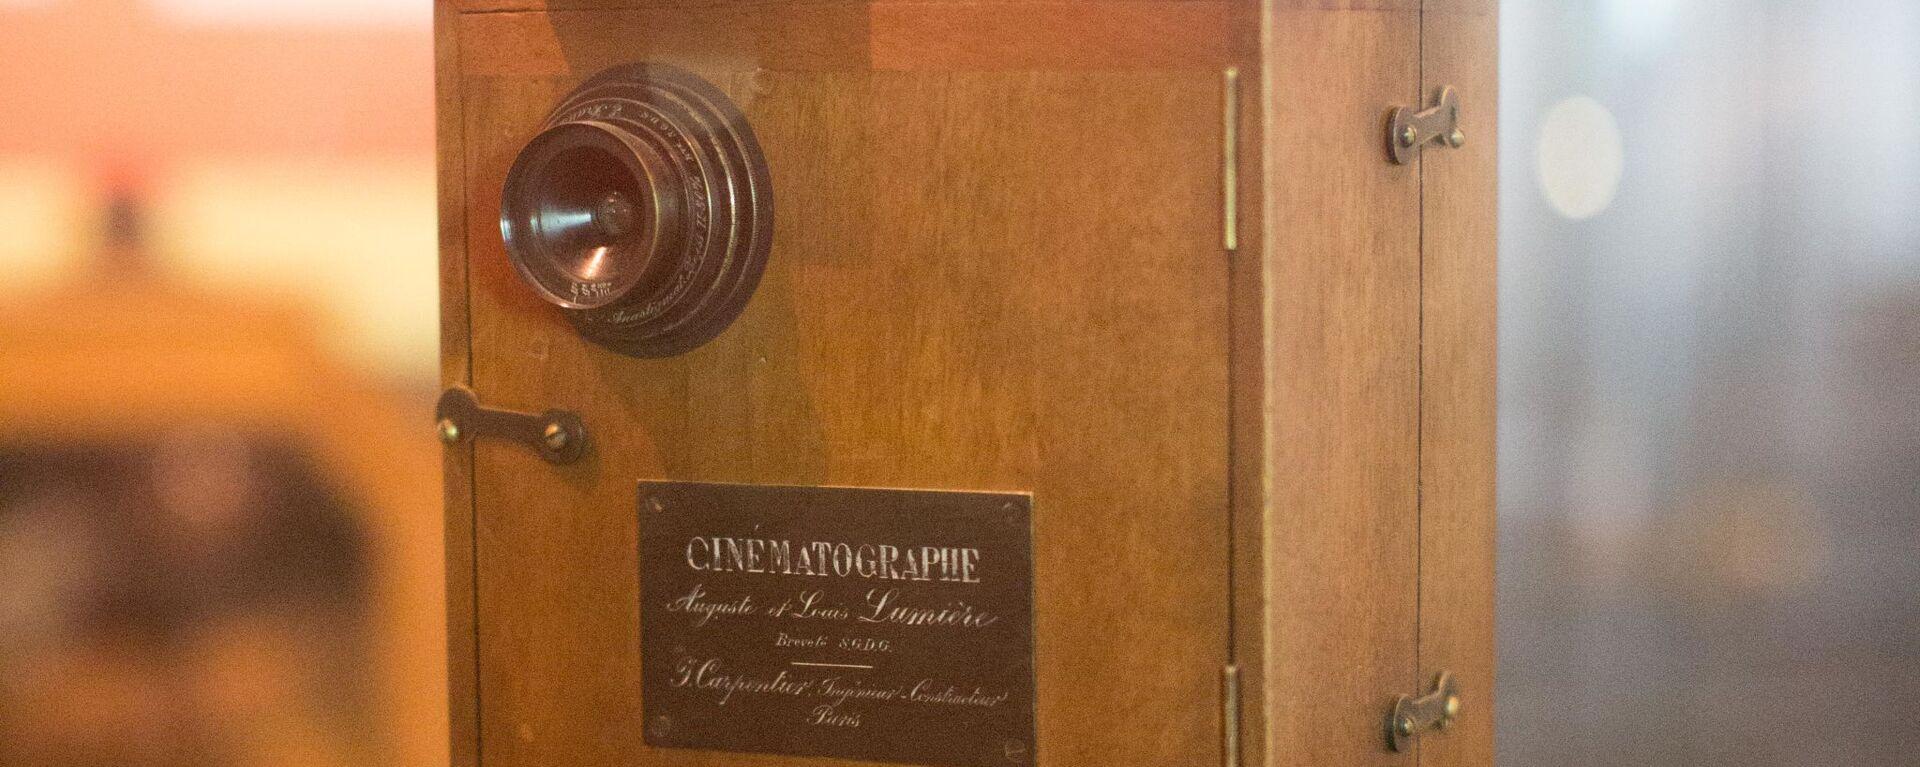 Un cinematógrafo Lumière  - Sputnik Mundo, 1920, 24.01.2020